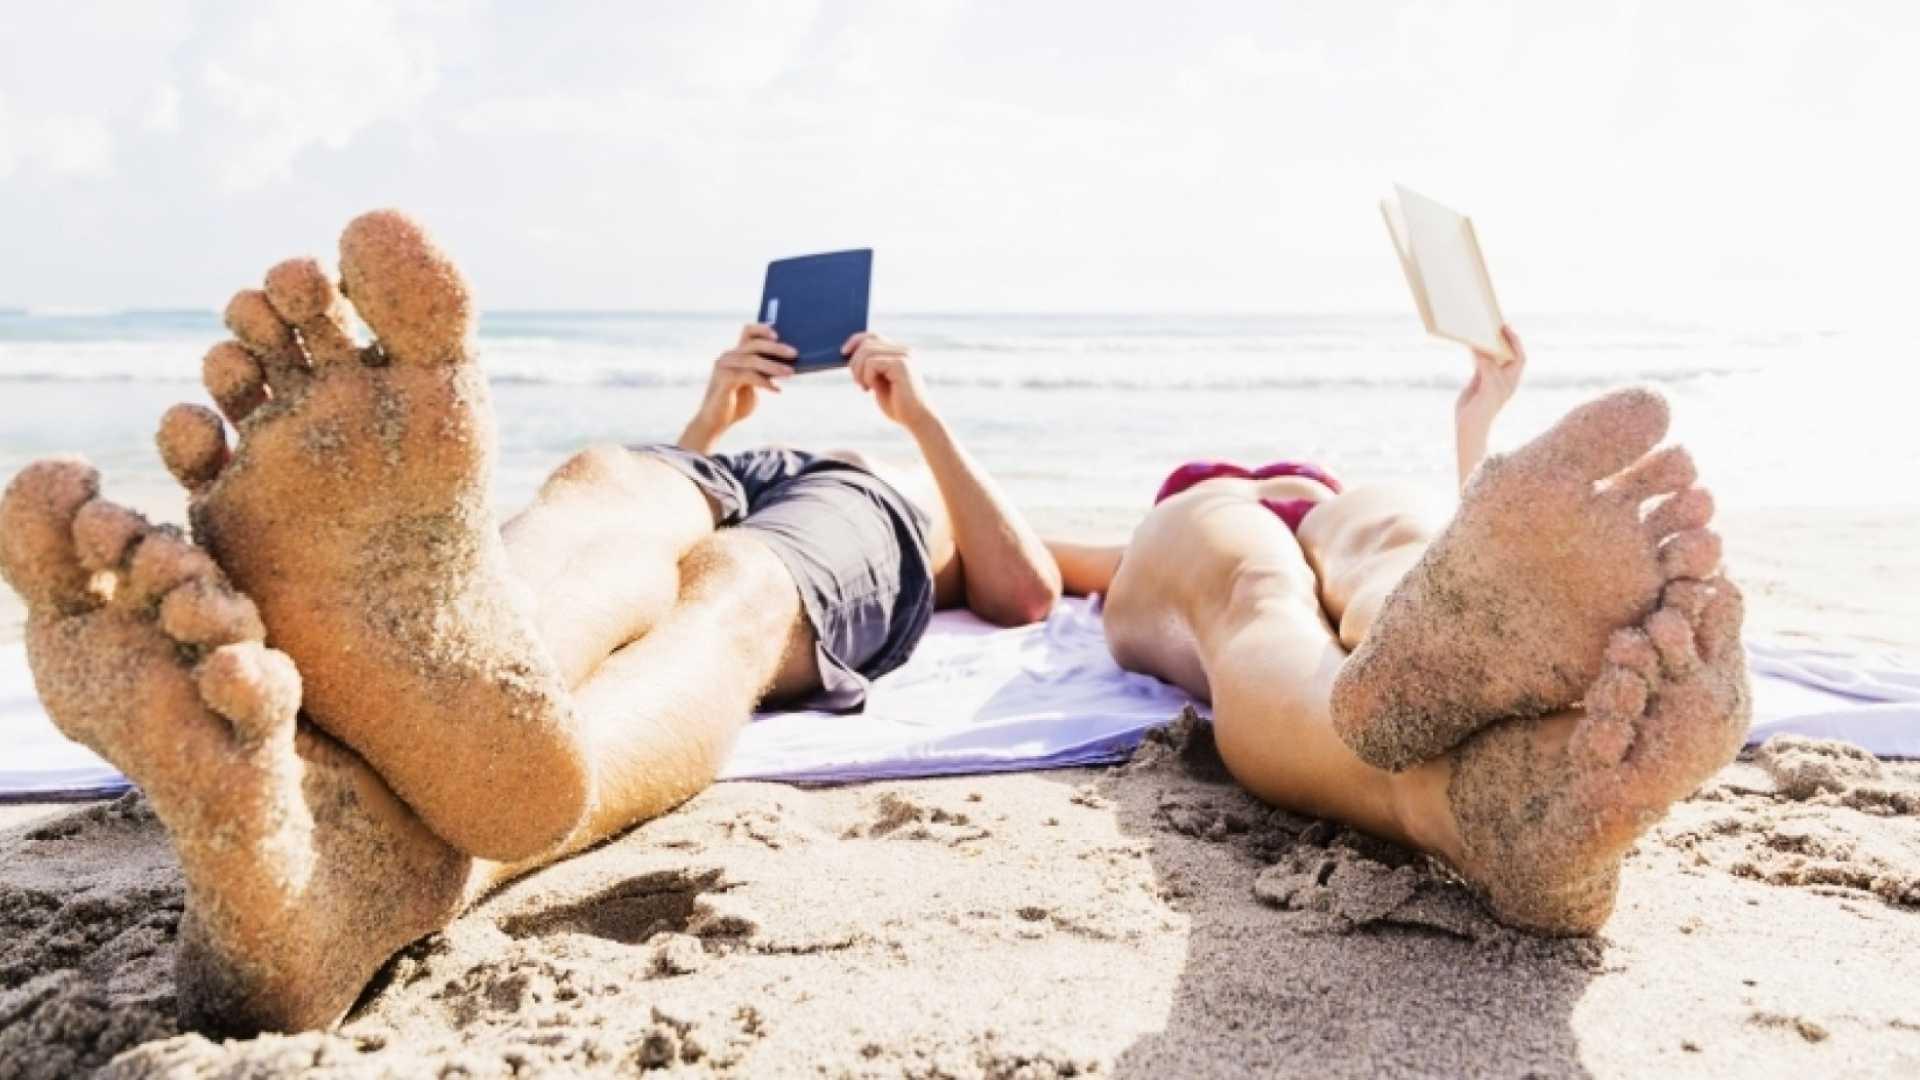 Book Critics Pick Their Top 15 Summer Reads